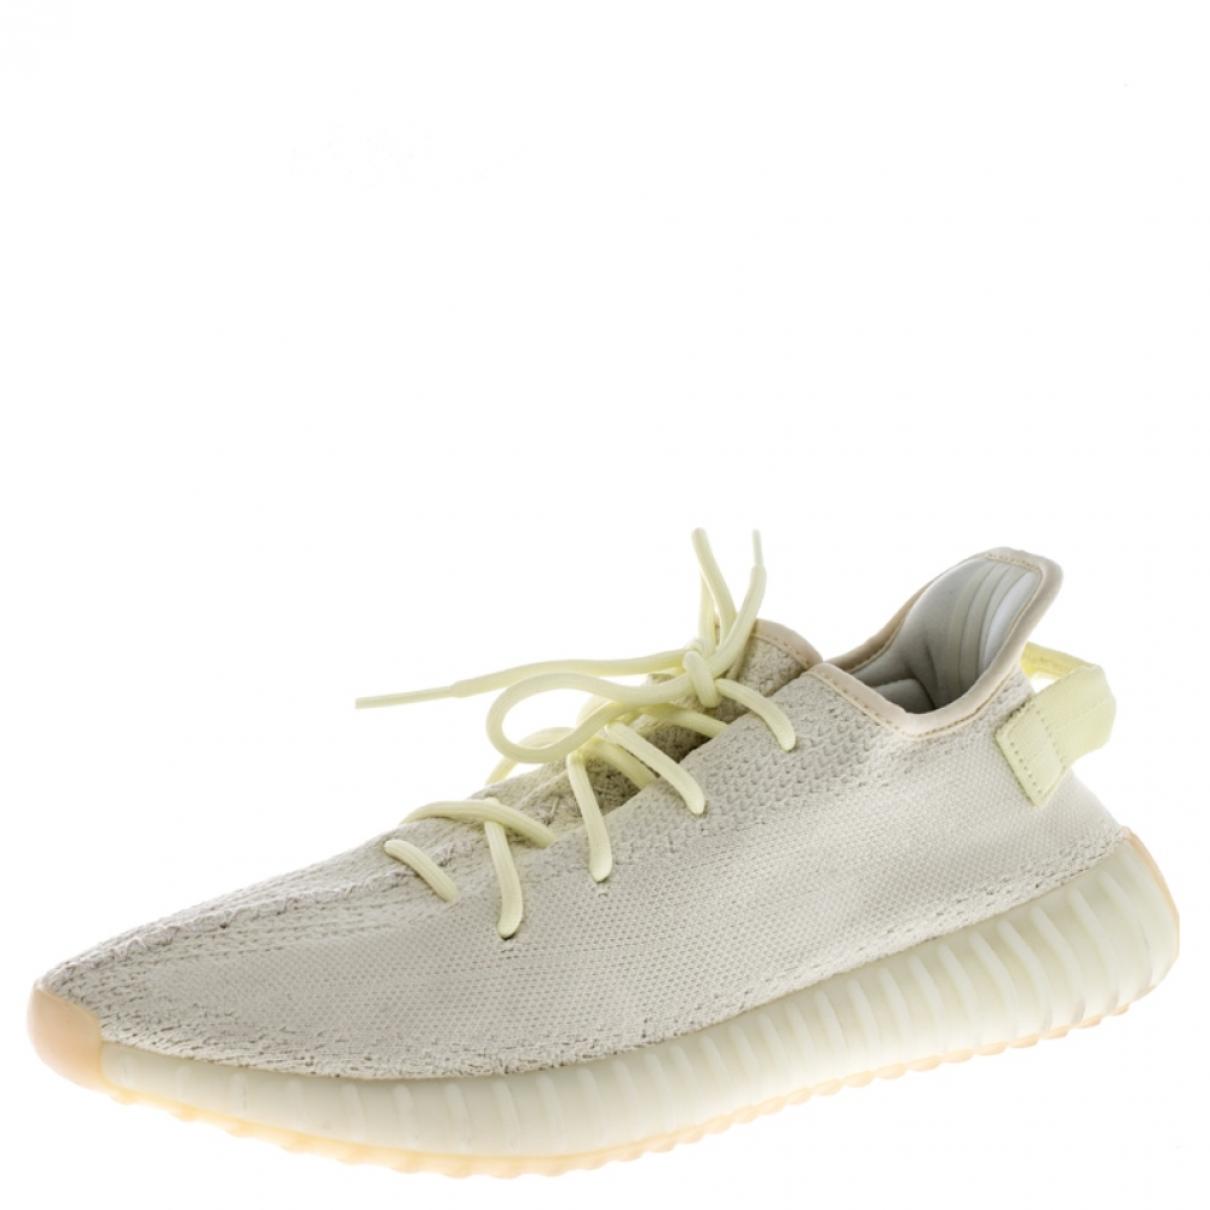 Yeezy X Adidas - Mocassins Boost 350 V2 pour homme en coton - jaune